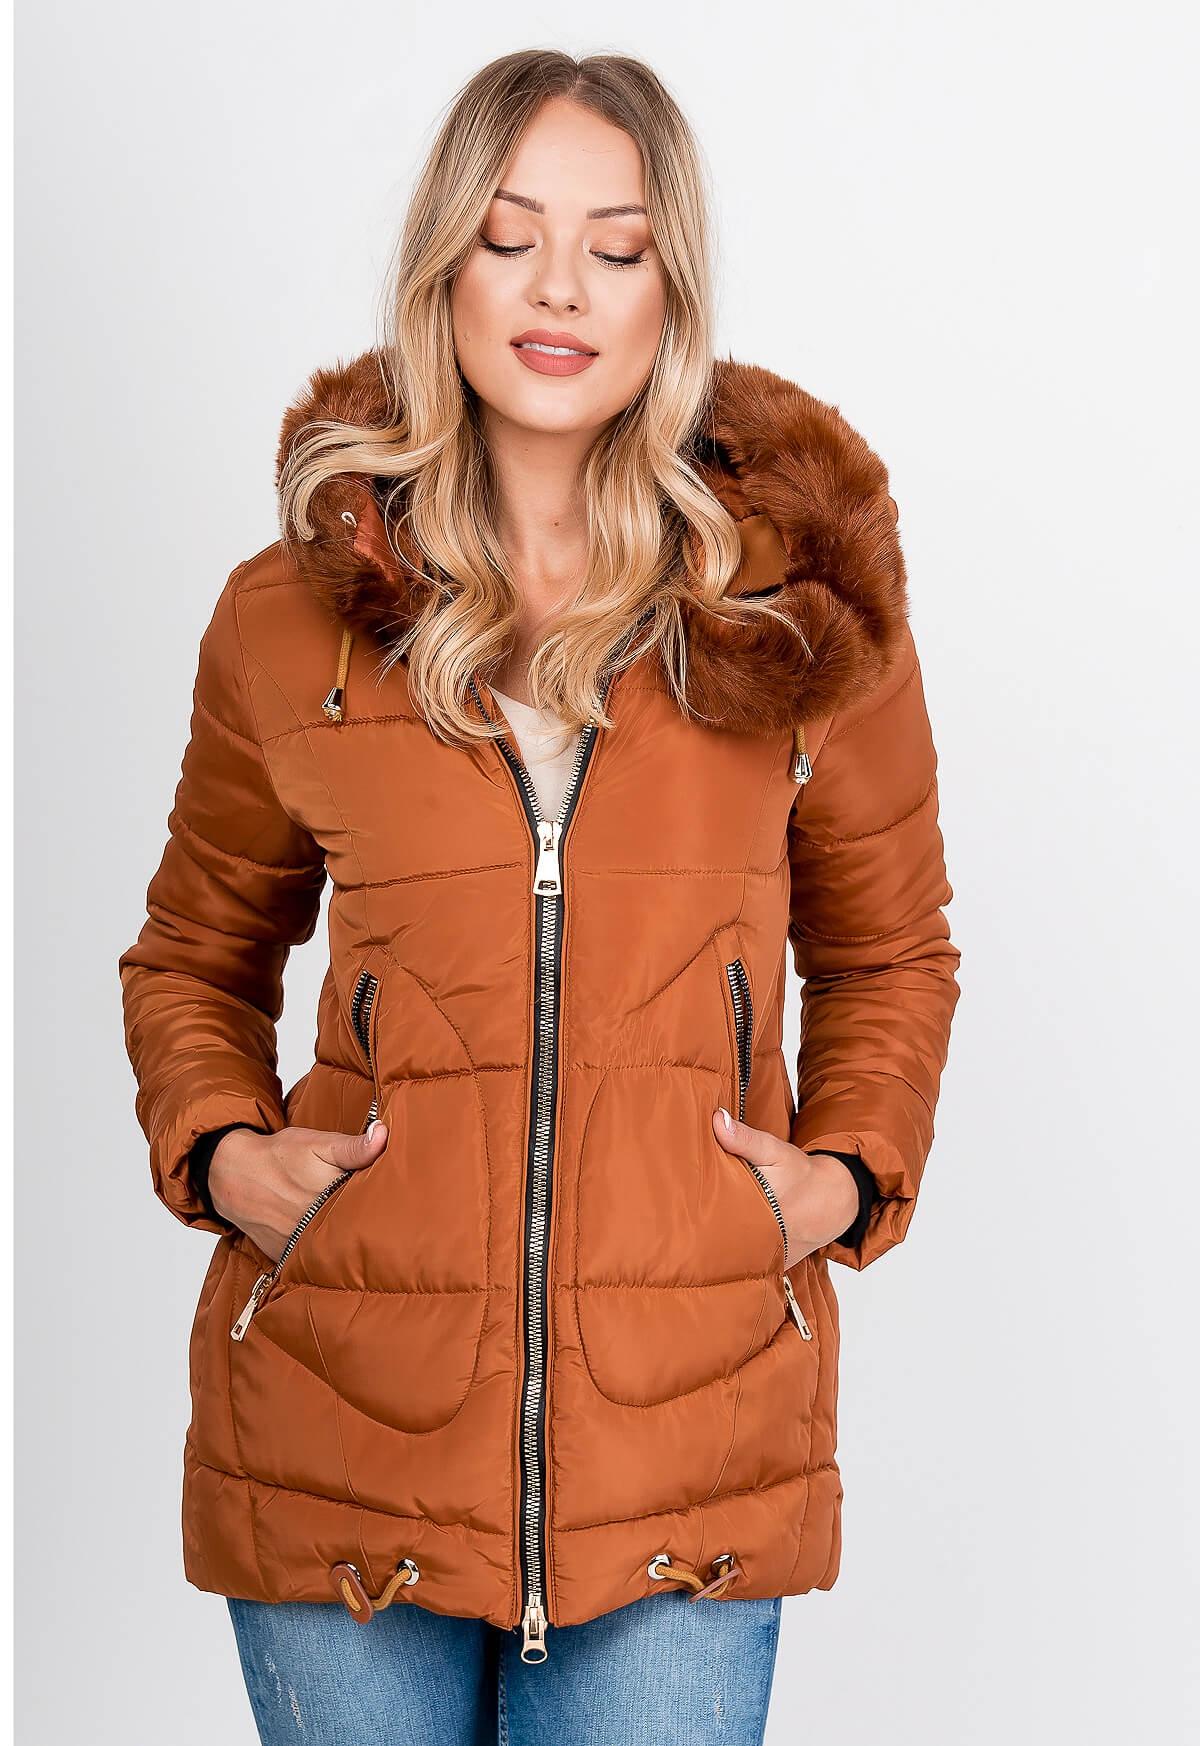 Dámska hnedá zimná bunda s kapucňou - XXL